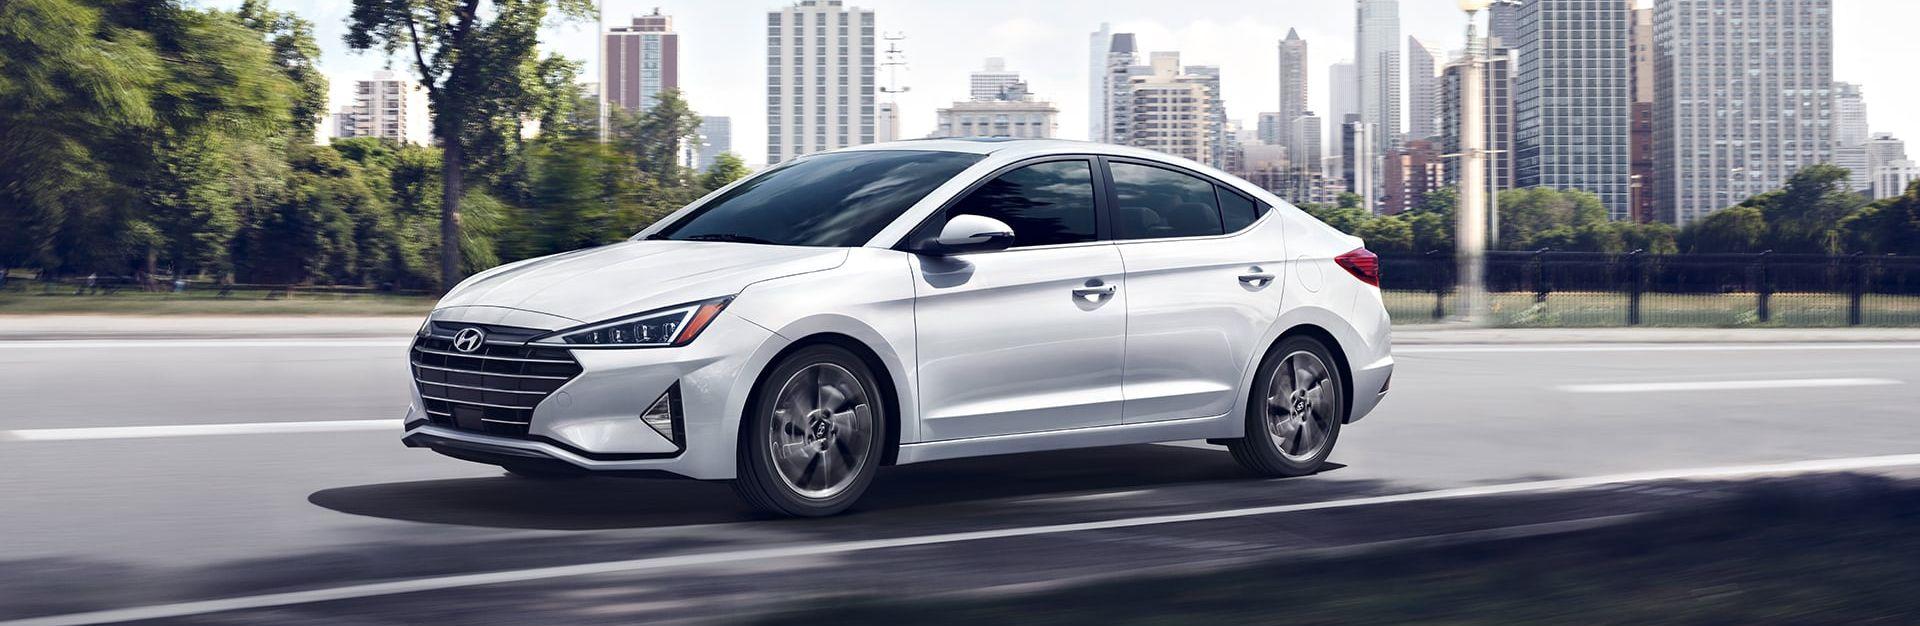 Used Hyundai Elantra for Sale near Bowie, MD